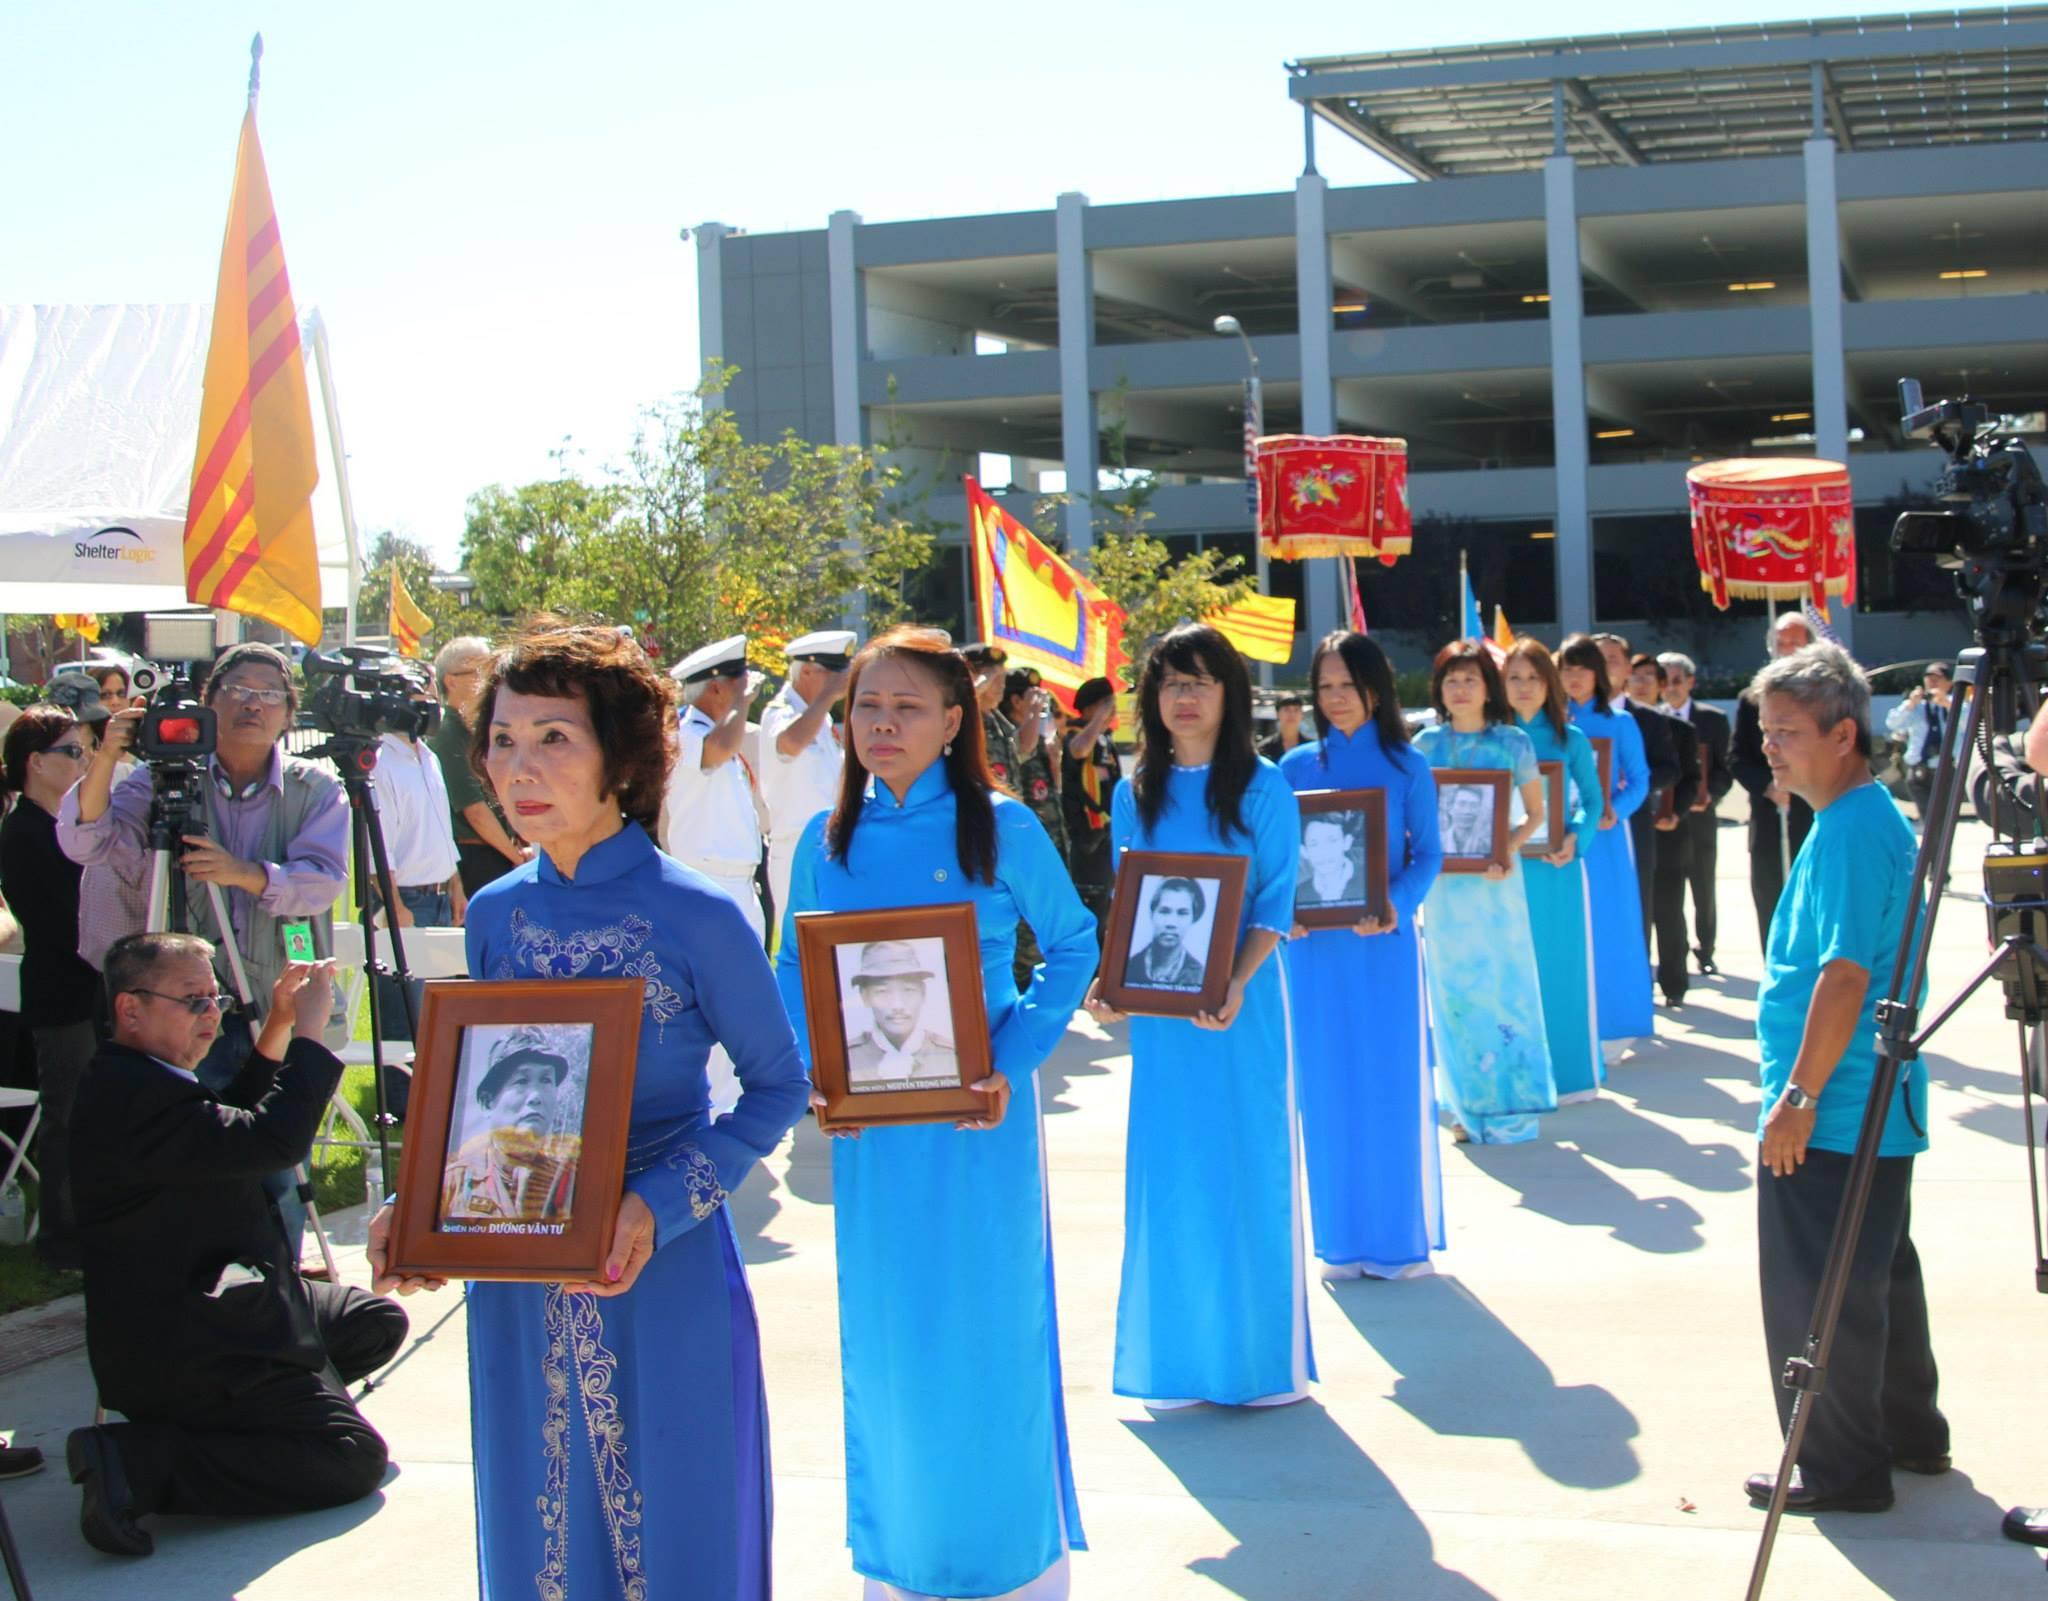 Việt Tân tổ chức lễ tưởng niệm Đề Đốc Hoàng Cơ Minh và các anh hùng Đông Tiến năm thứ 28